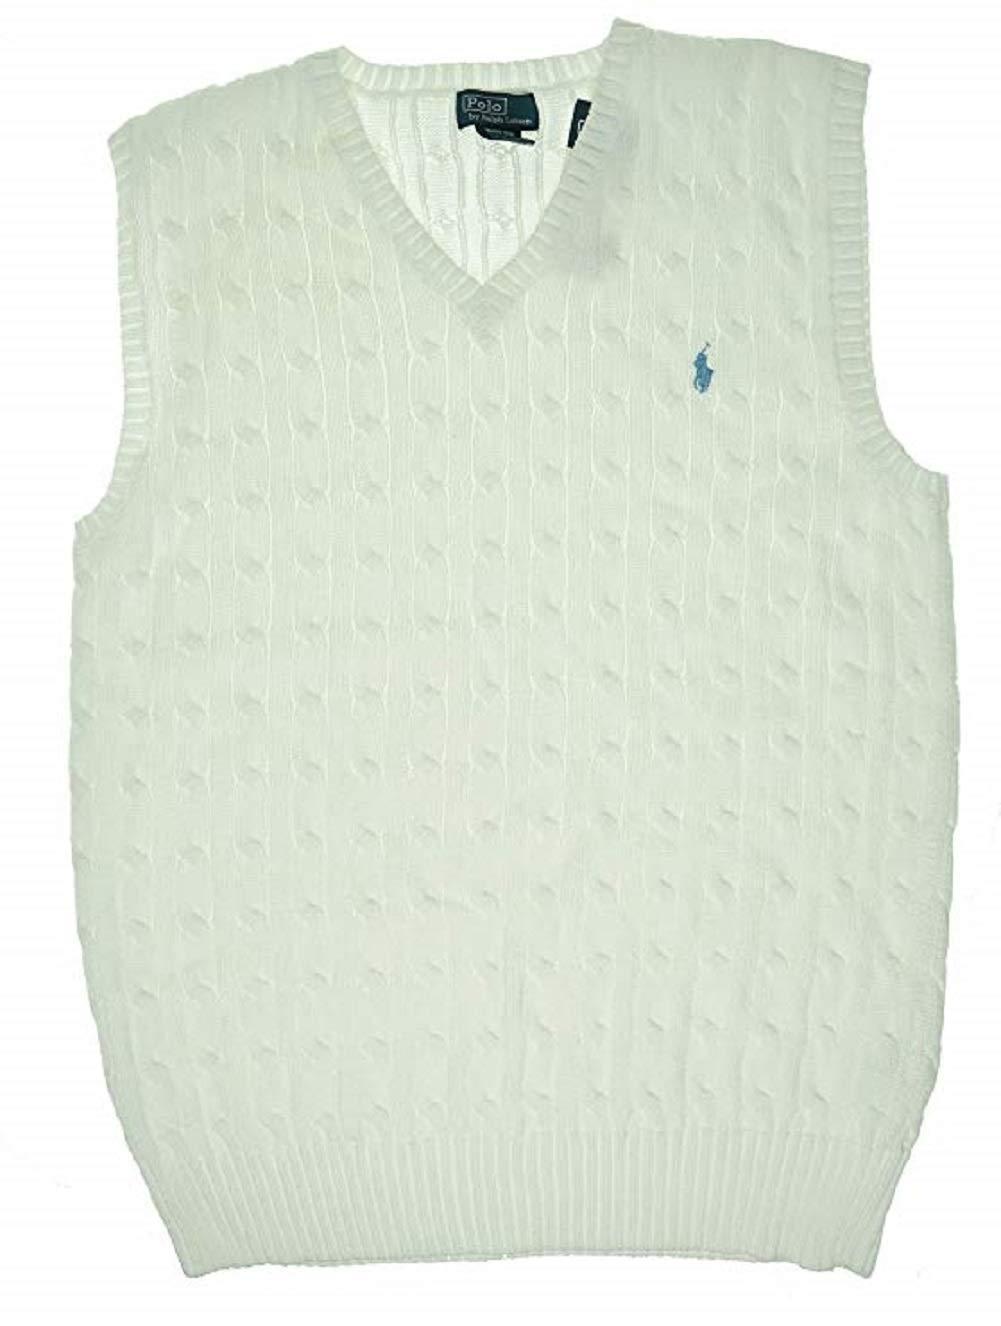 RALPH LAUREN Boys Sweaters Cable-Knit Cotton Sweater Vest Medium